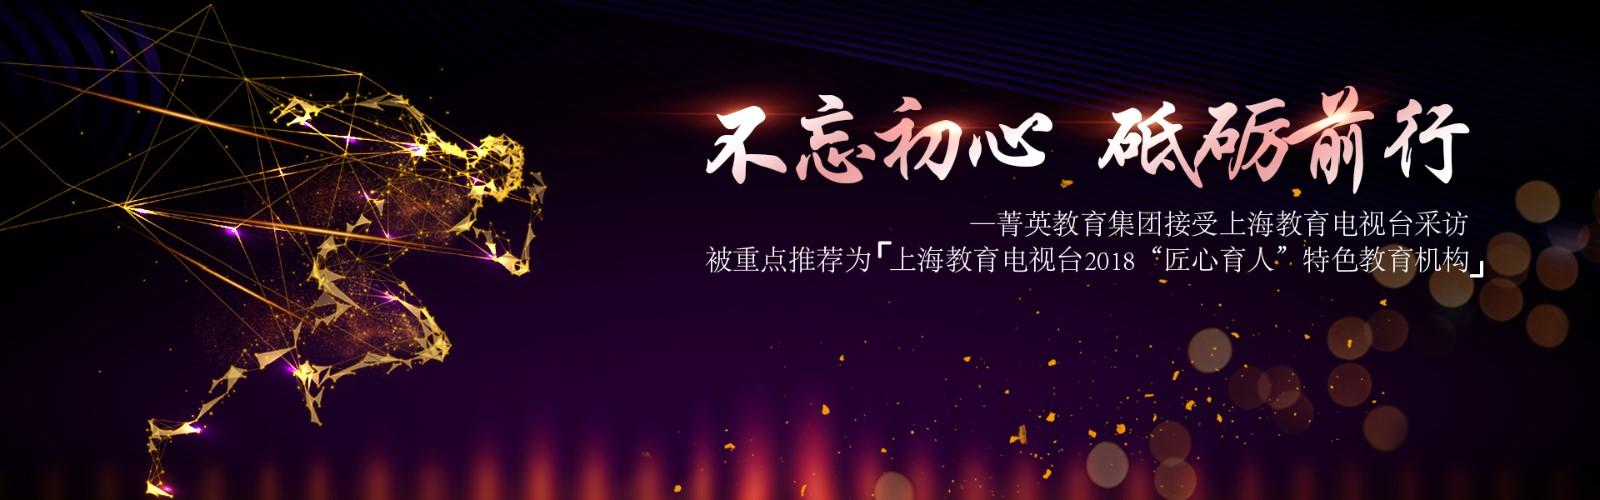 20180905上海教育电视台采访banner.jpg